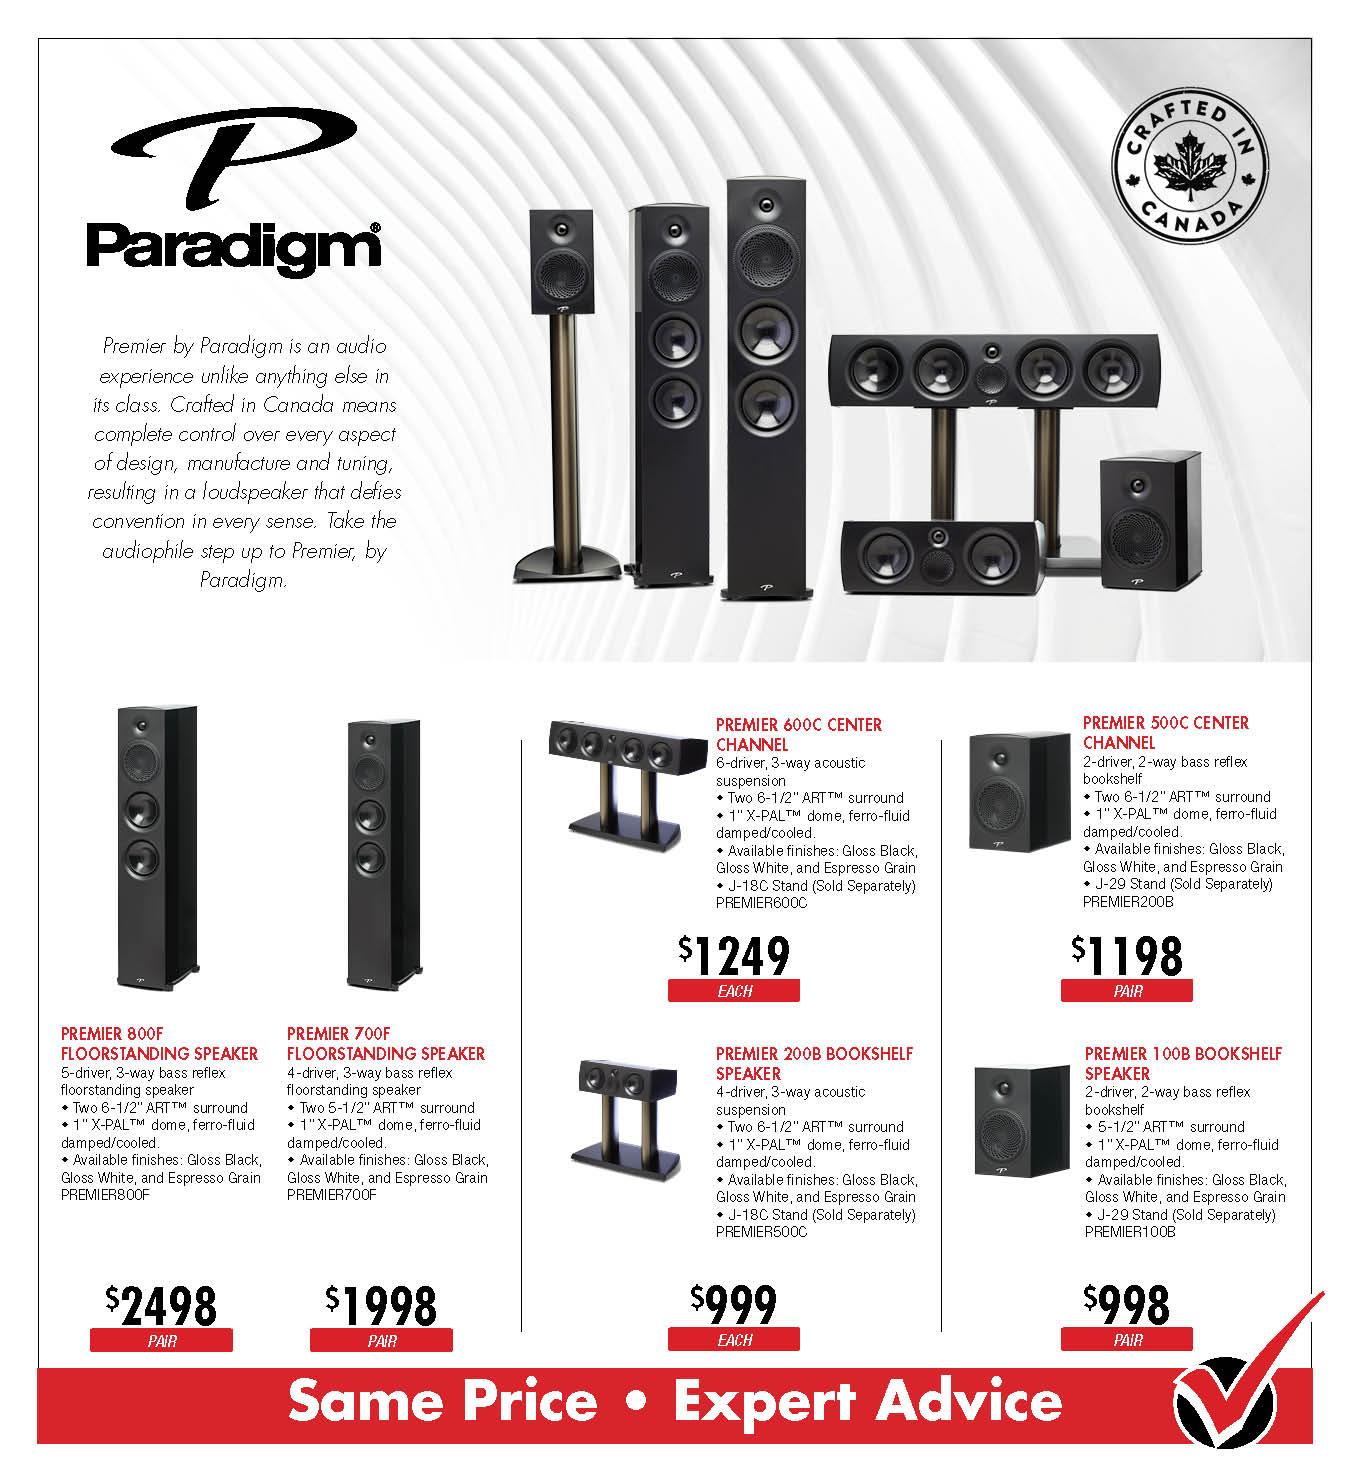 Paradigm Premier Speakers